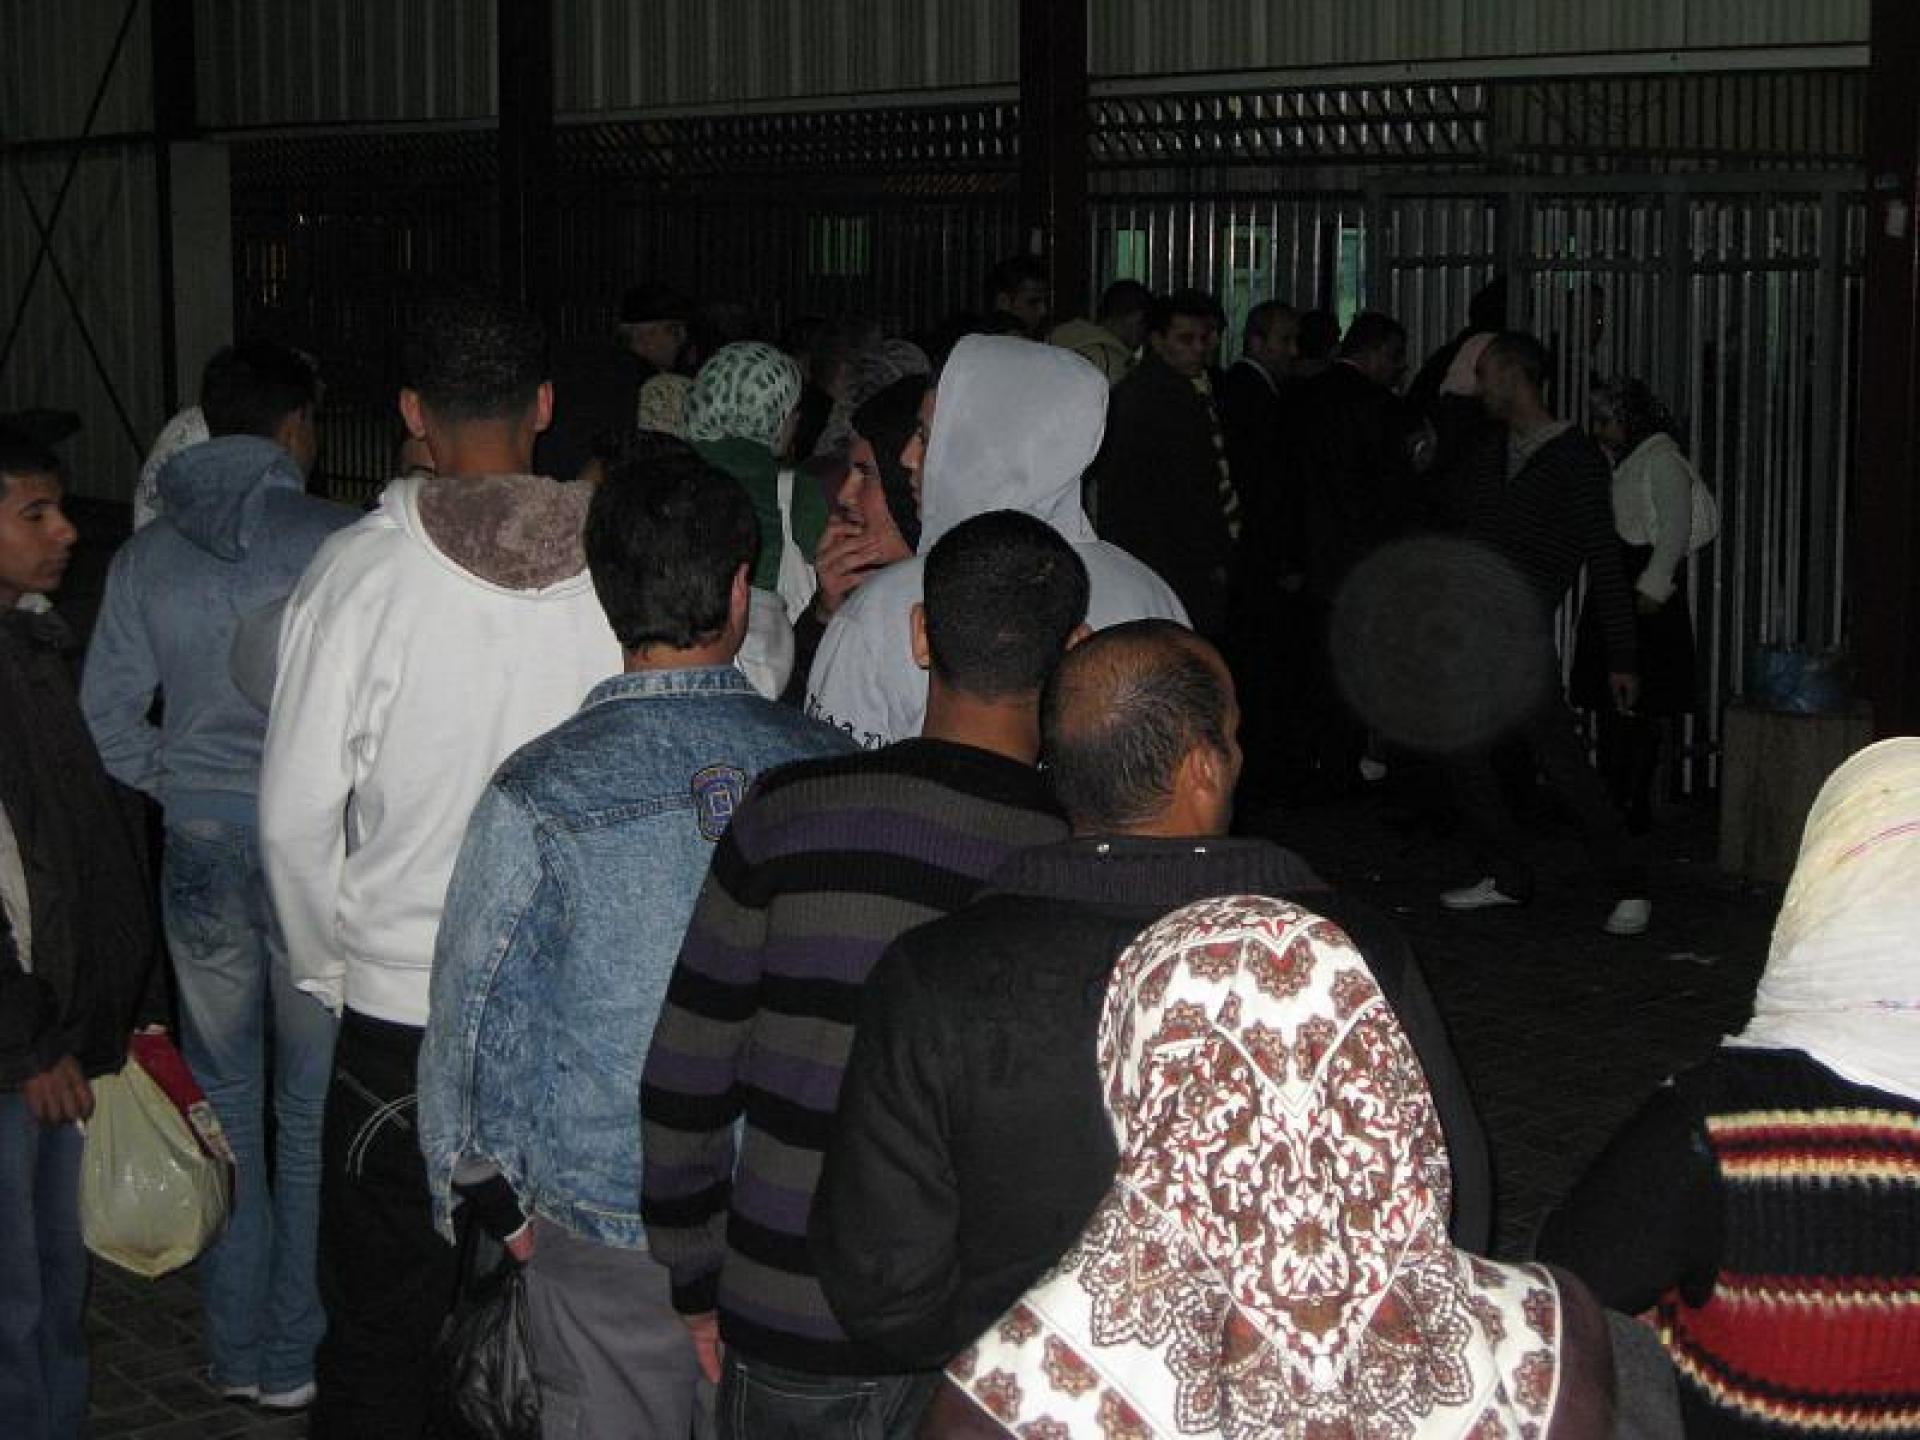 Qalandiya checkpoint 09.12.08